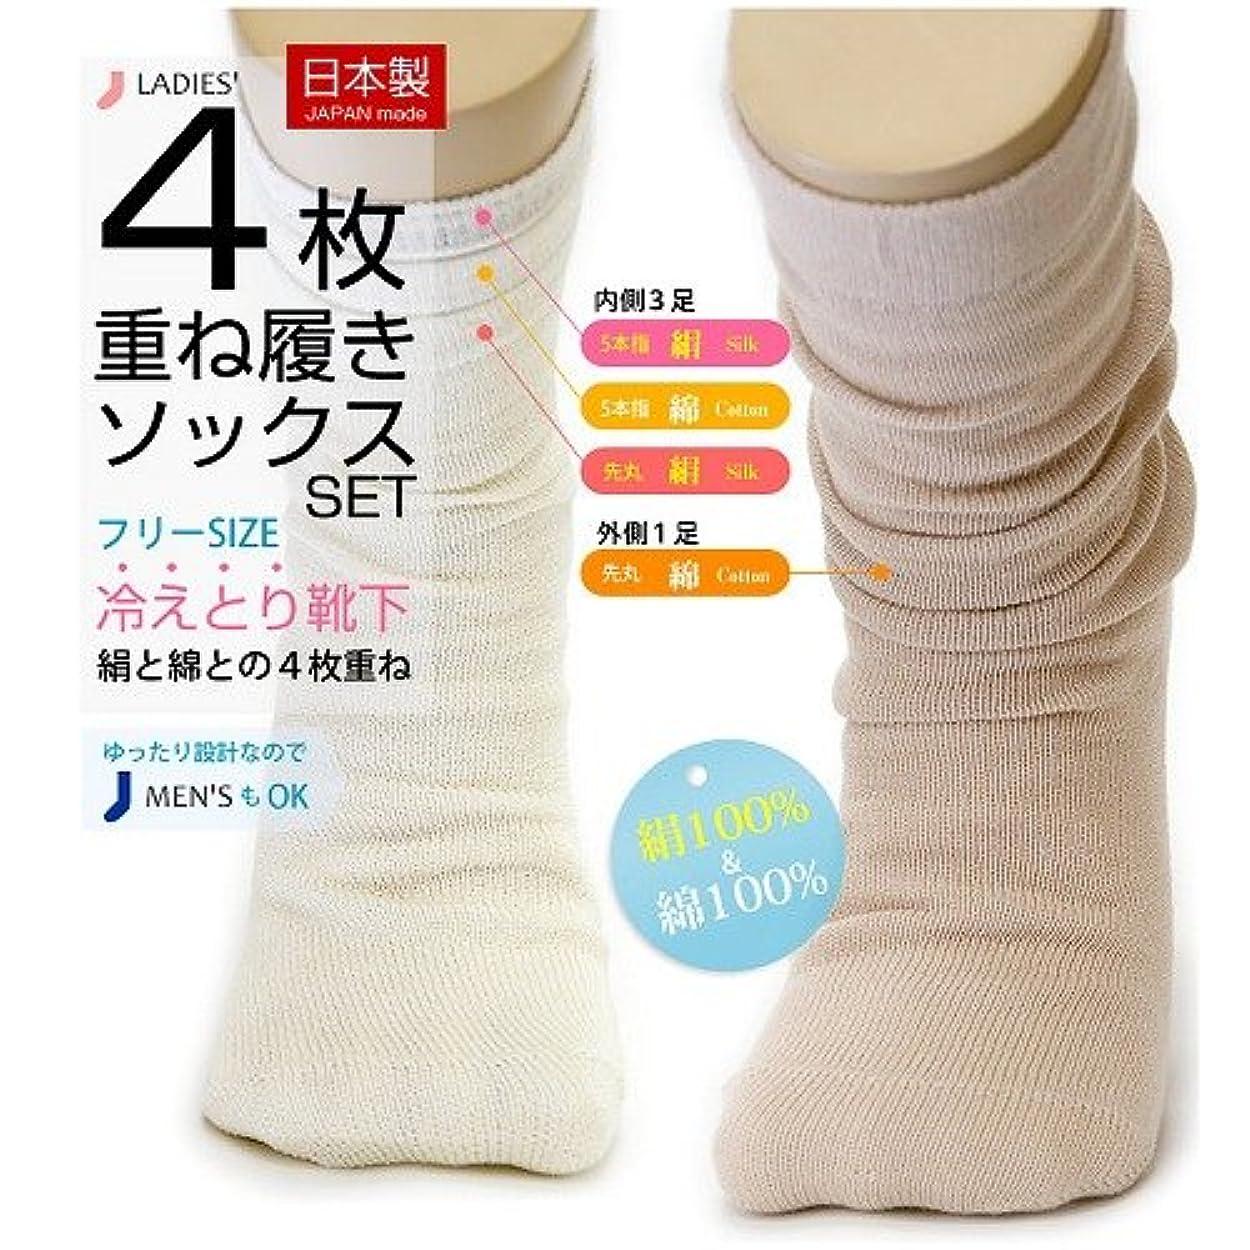 ピック統合する委任冷え取り靴下 綿100%とシルク100% 最高級の日本製 4枚重ねばきセット(外側チャコール)